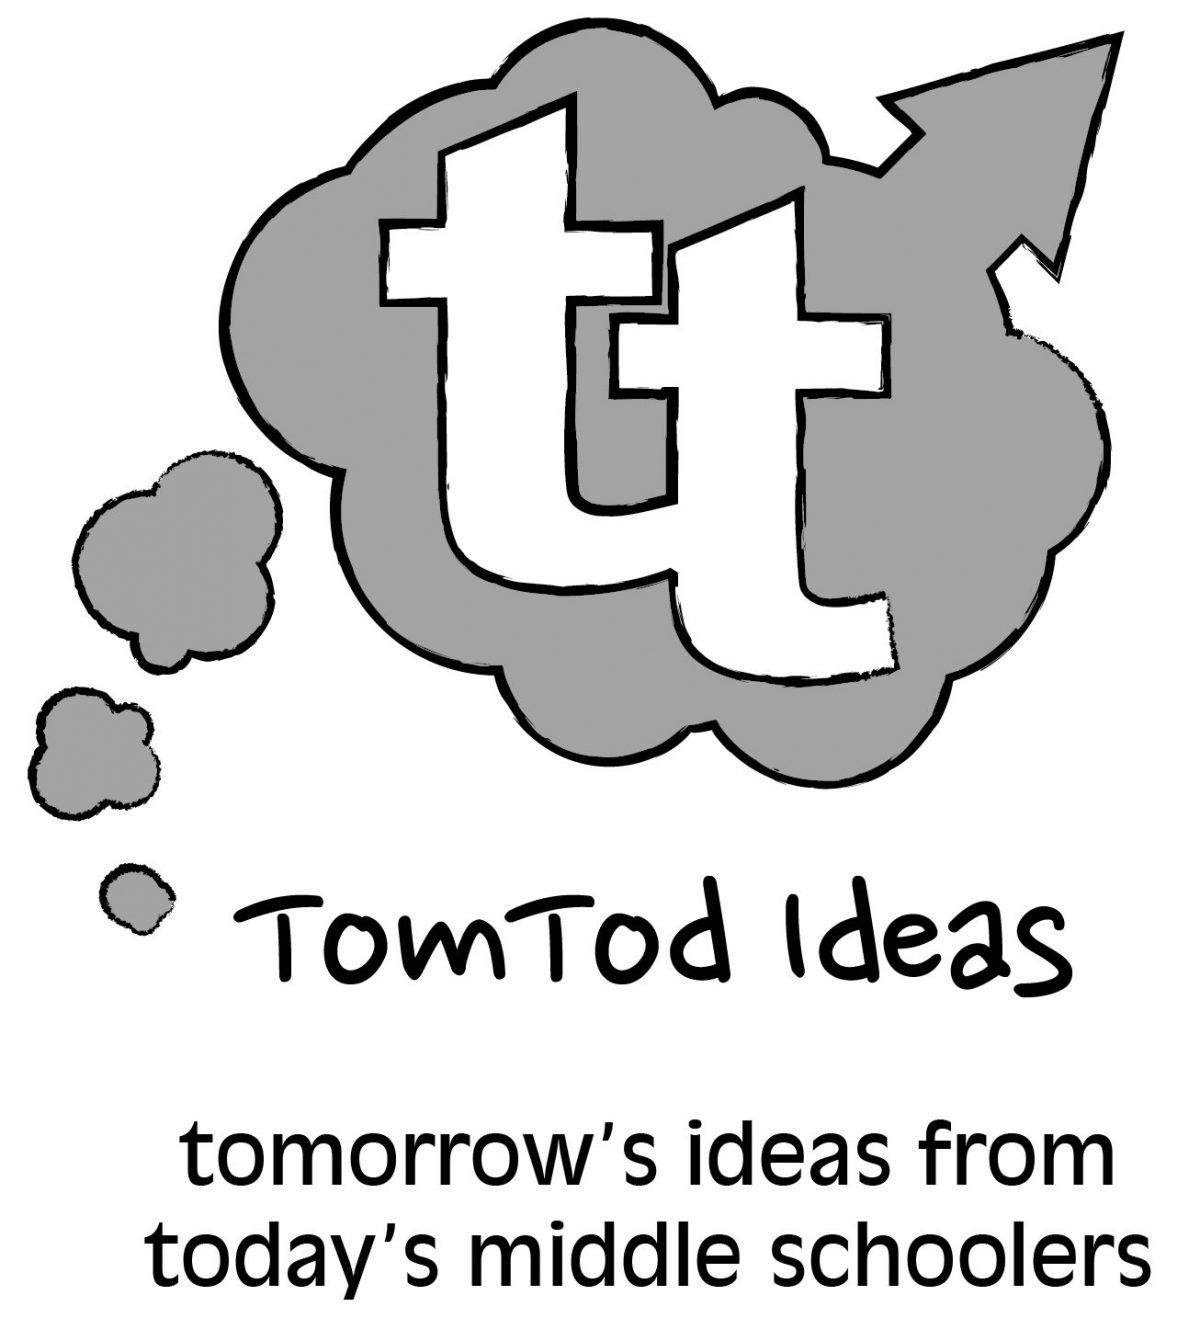 TomTod Ideas logo in grayscale